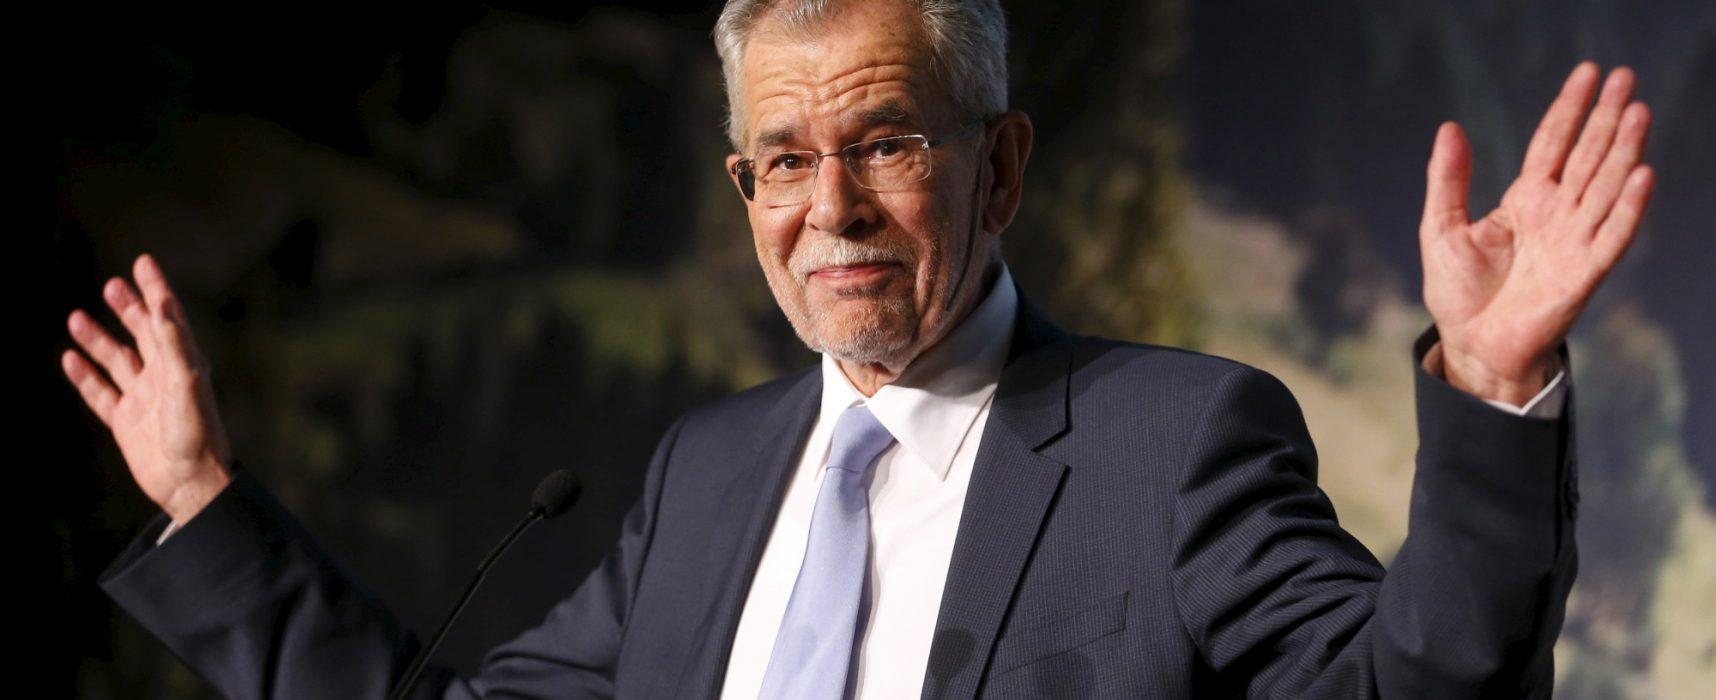 ТАСС приписав президентові Австрії слова щодо «афери зі шпигунством» через хибний переклад слова Affäre